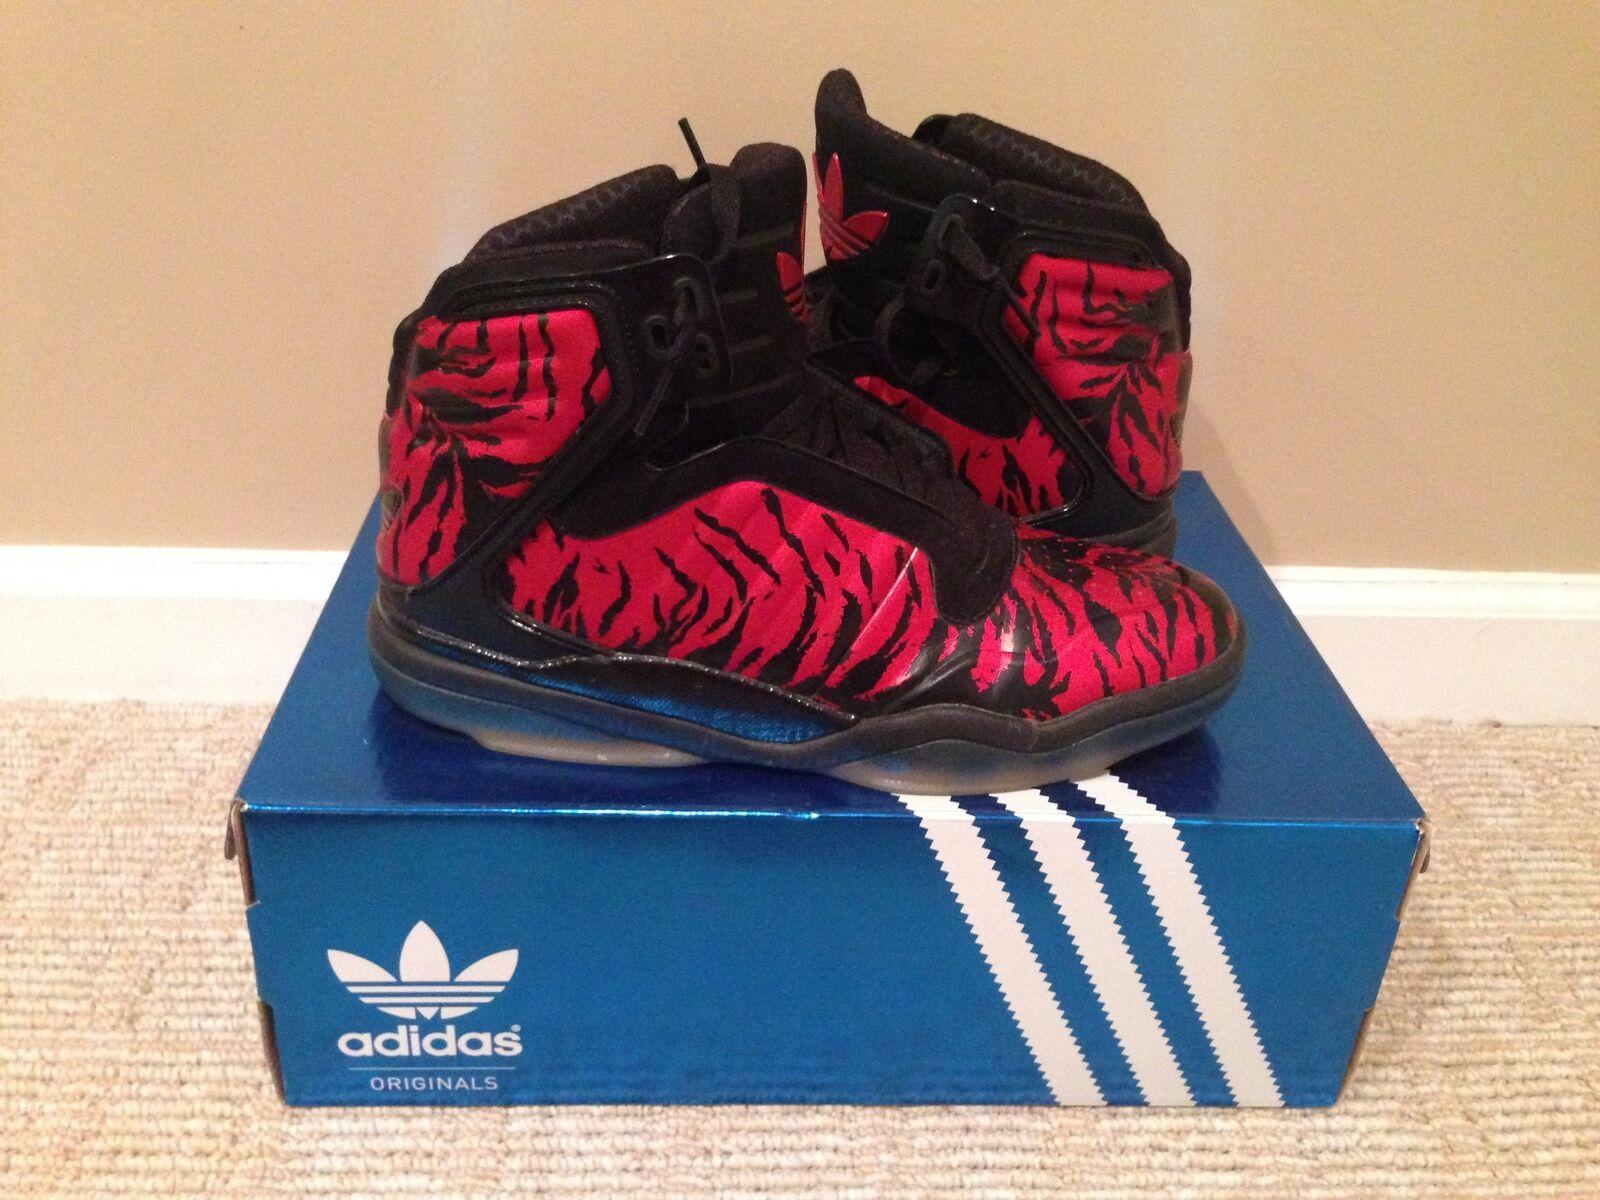 Adidas TS Lite AMR Size 10.5